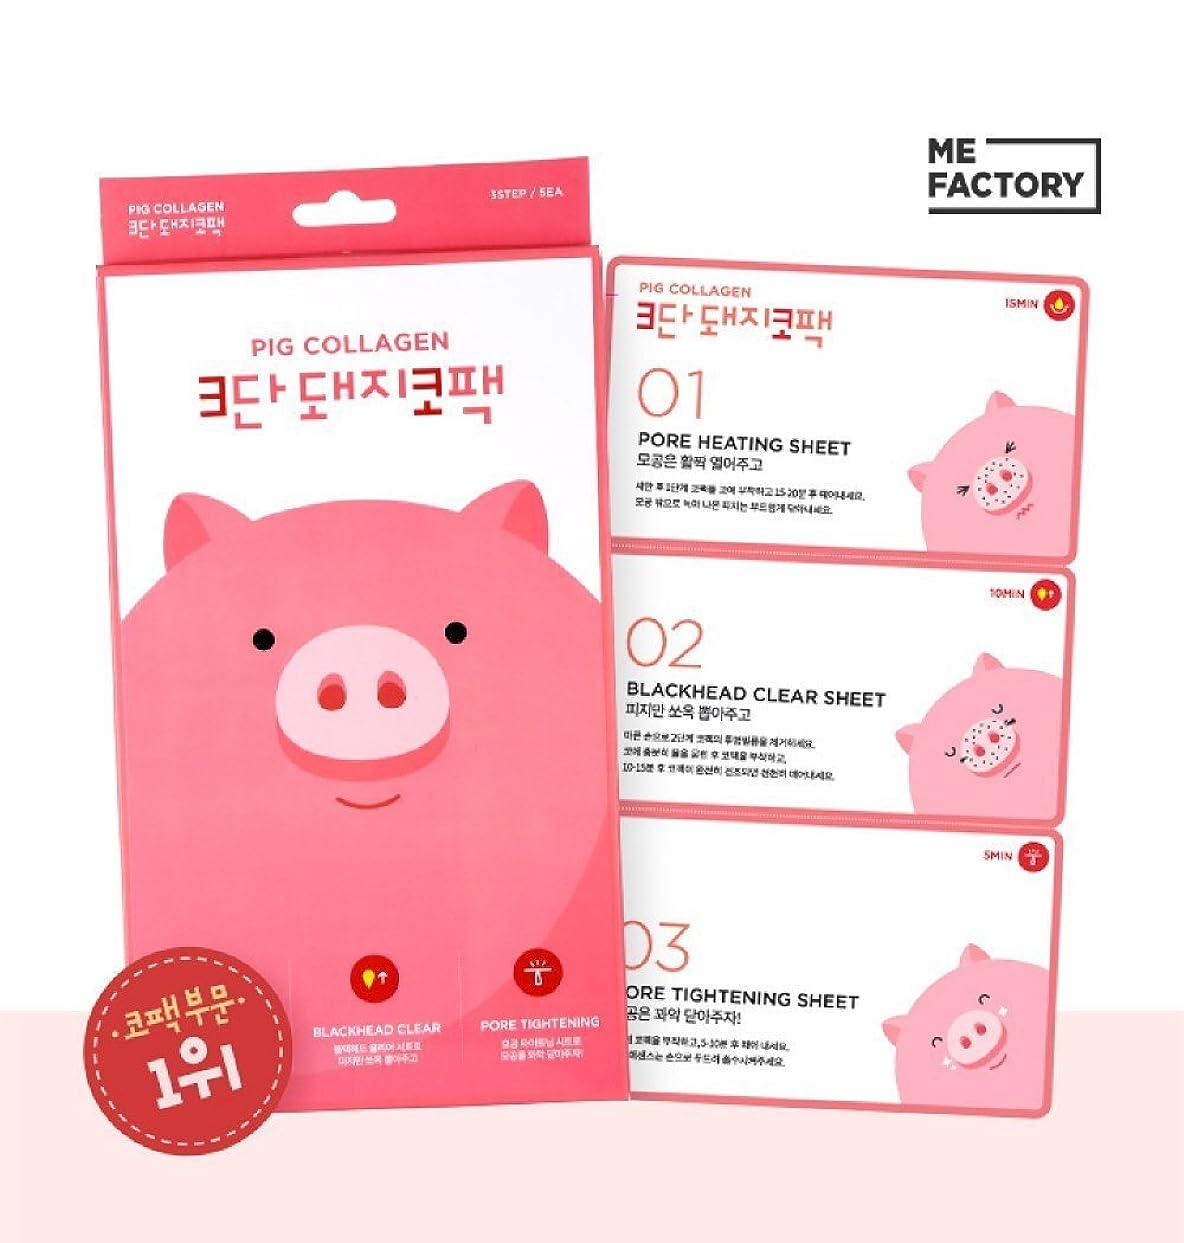 目的比べる部【米ファクトリー/ me factory]韓国化粧品/ Me Factory Pig Collagen 3 Step Kit Pig Nose Mask Pack X 5 Piece/米ファクトリー3段豚コペク(5枚)フィジー削除、コペクおすすめ+[Sample Gift](海外直送品)